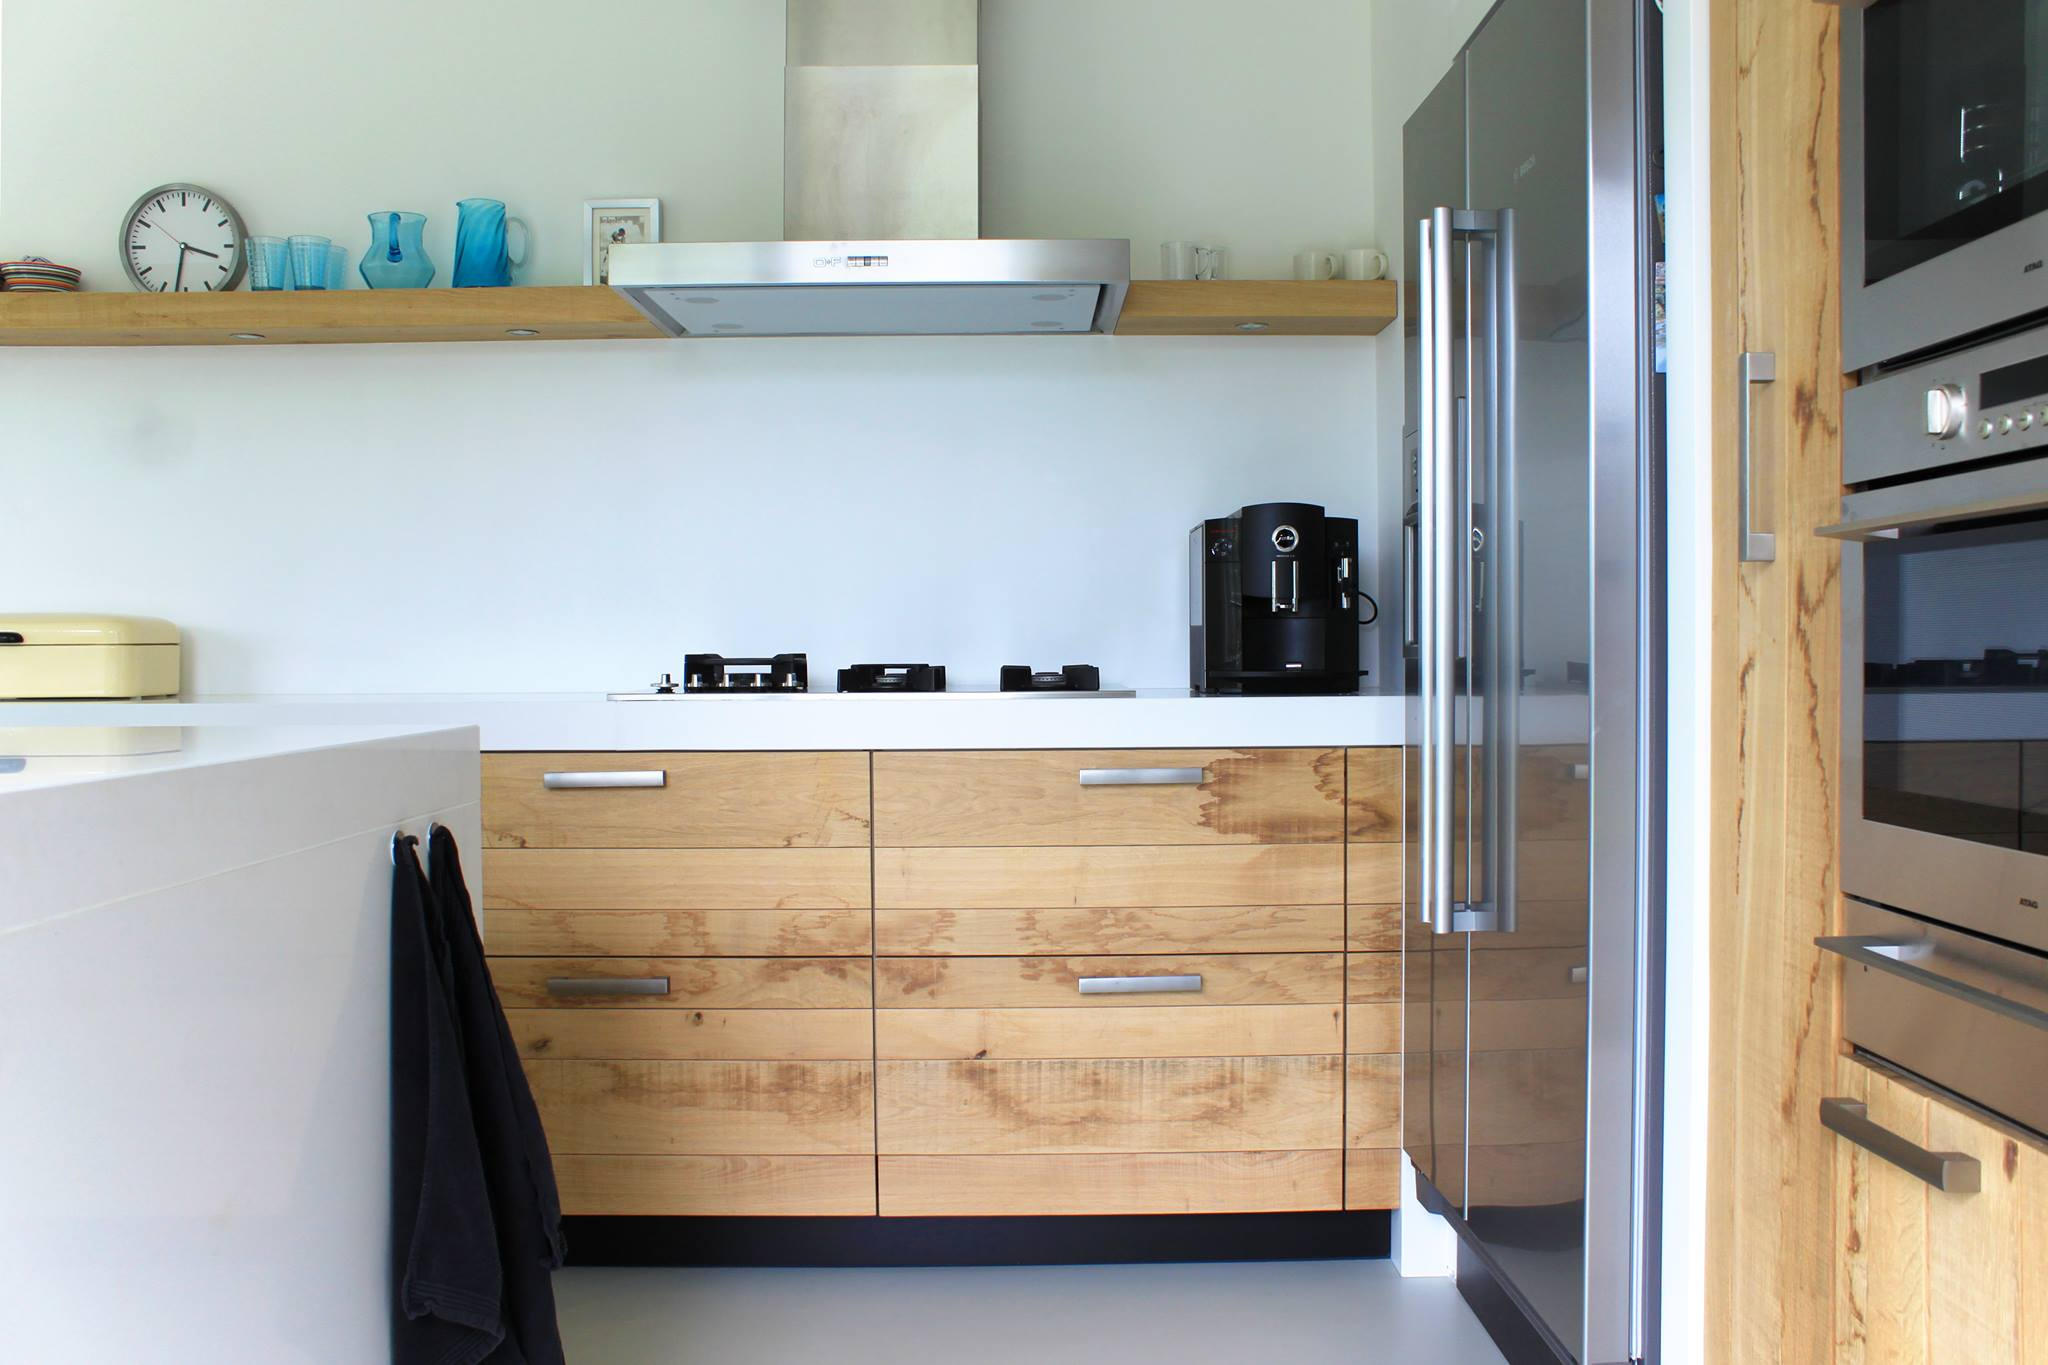 Houten keuken van ruw eiken met wit werkblad en keukeneiland van JP Walker